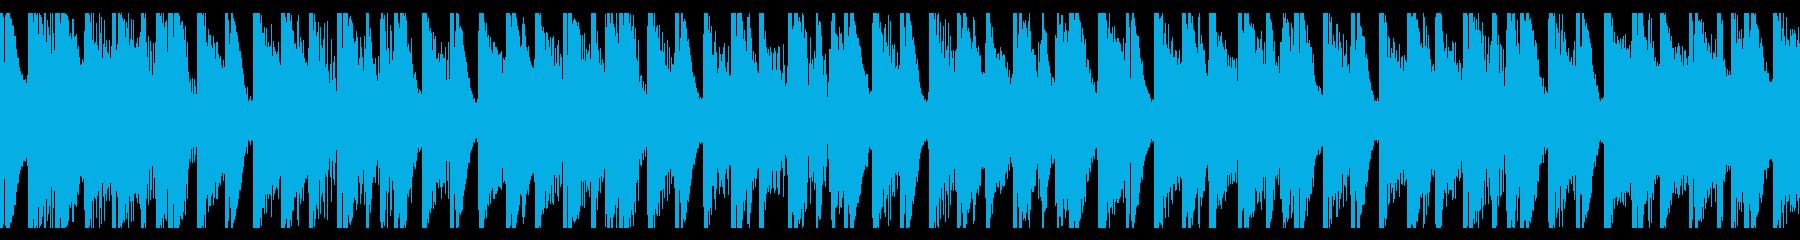 フィットネス(ループ)の再生済みの波形